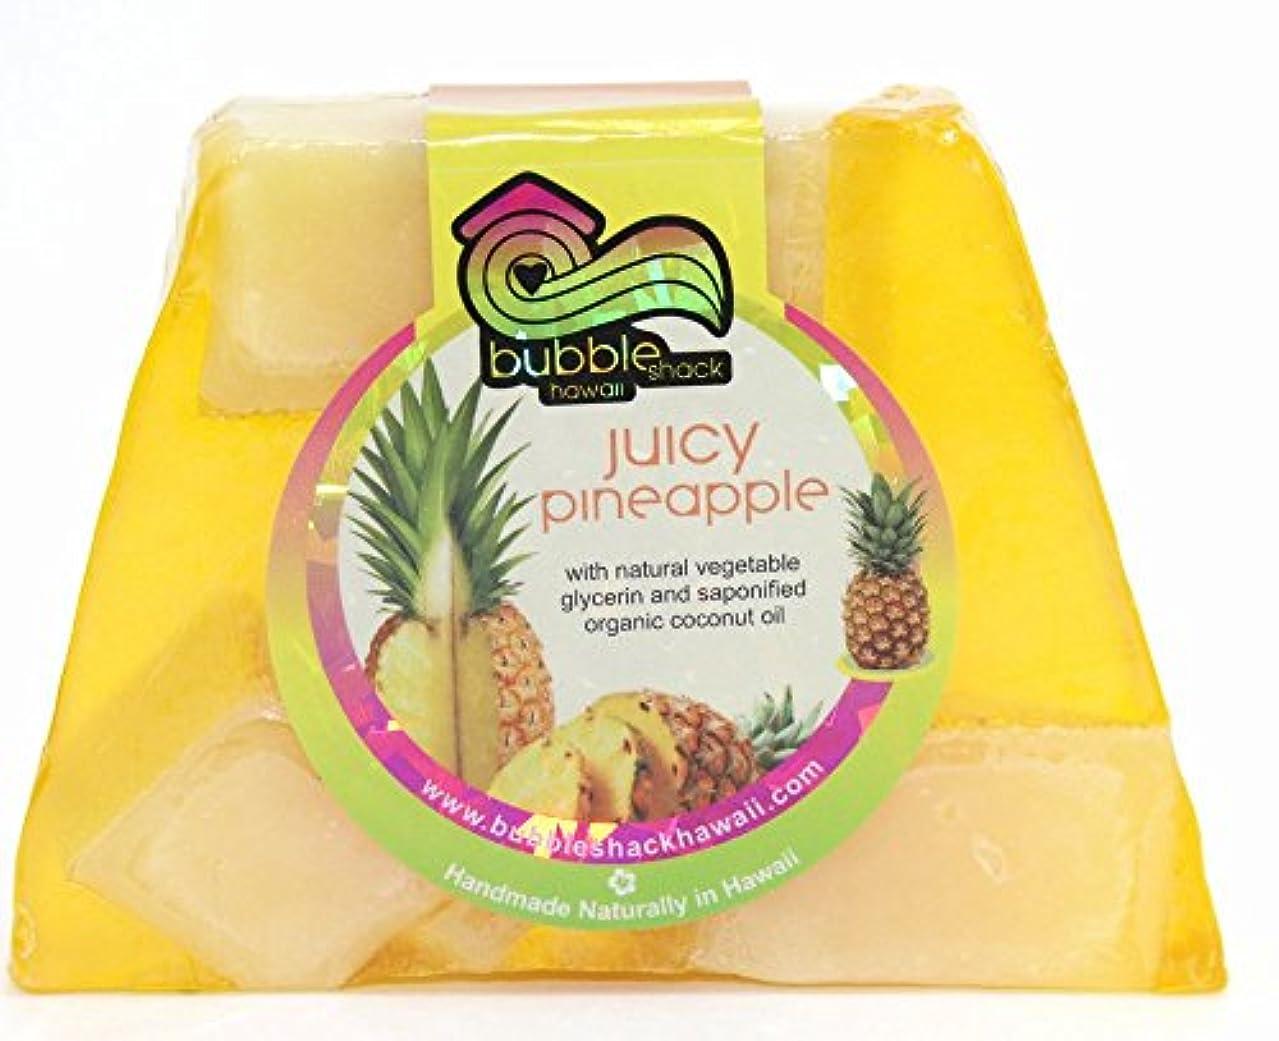 失望させる通信する拮抗するハワイ お土産 ハワイアン雑貨 バブルシャック パイナップル チャンクソープ 石鹸 (パイナップル) ハワイ雑貨